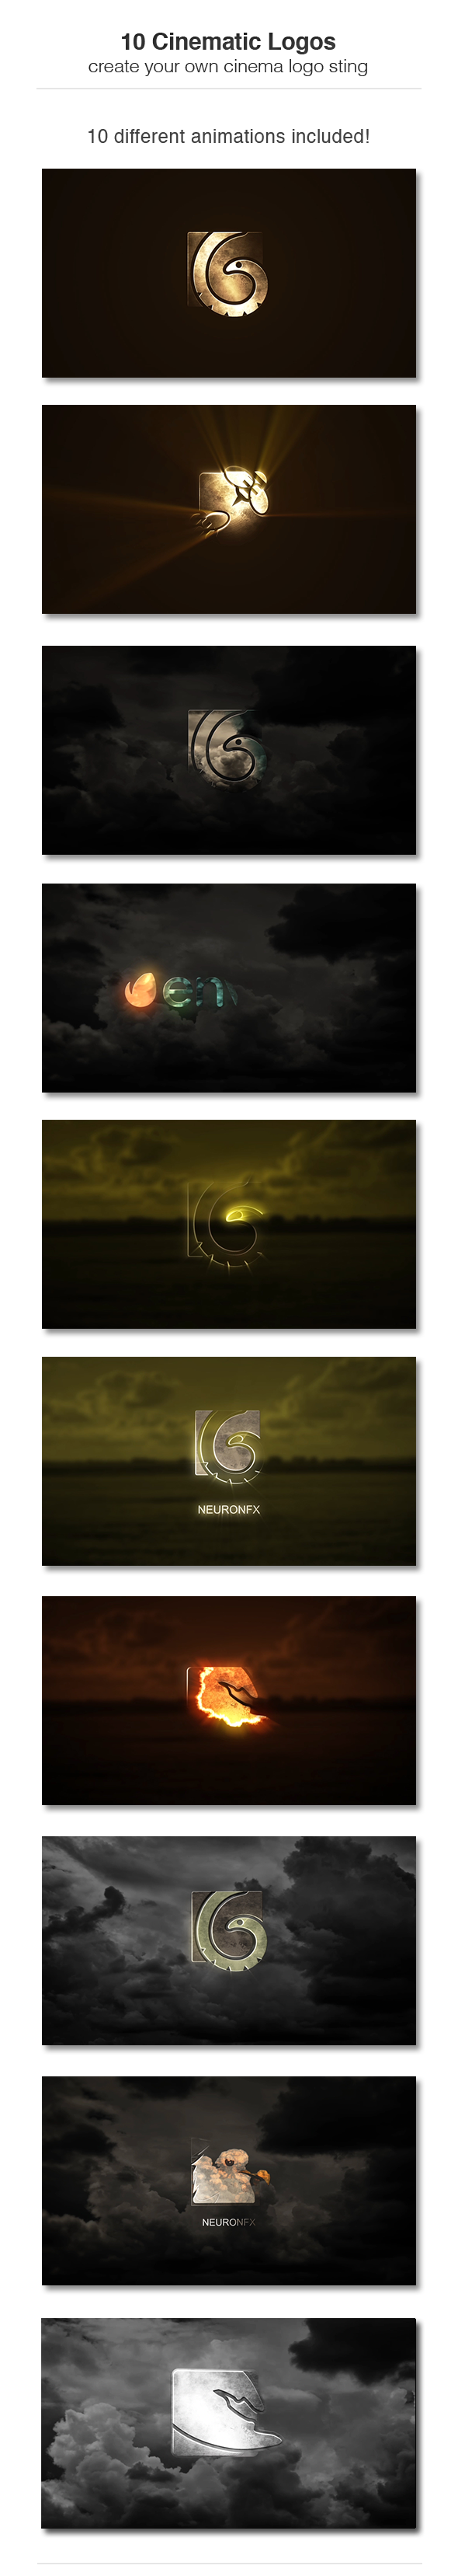 10个电影级logo演绎AE模板 10 Cinematic Logos